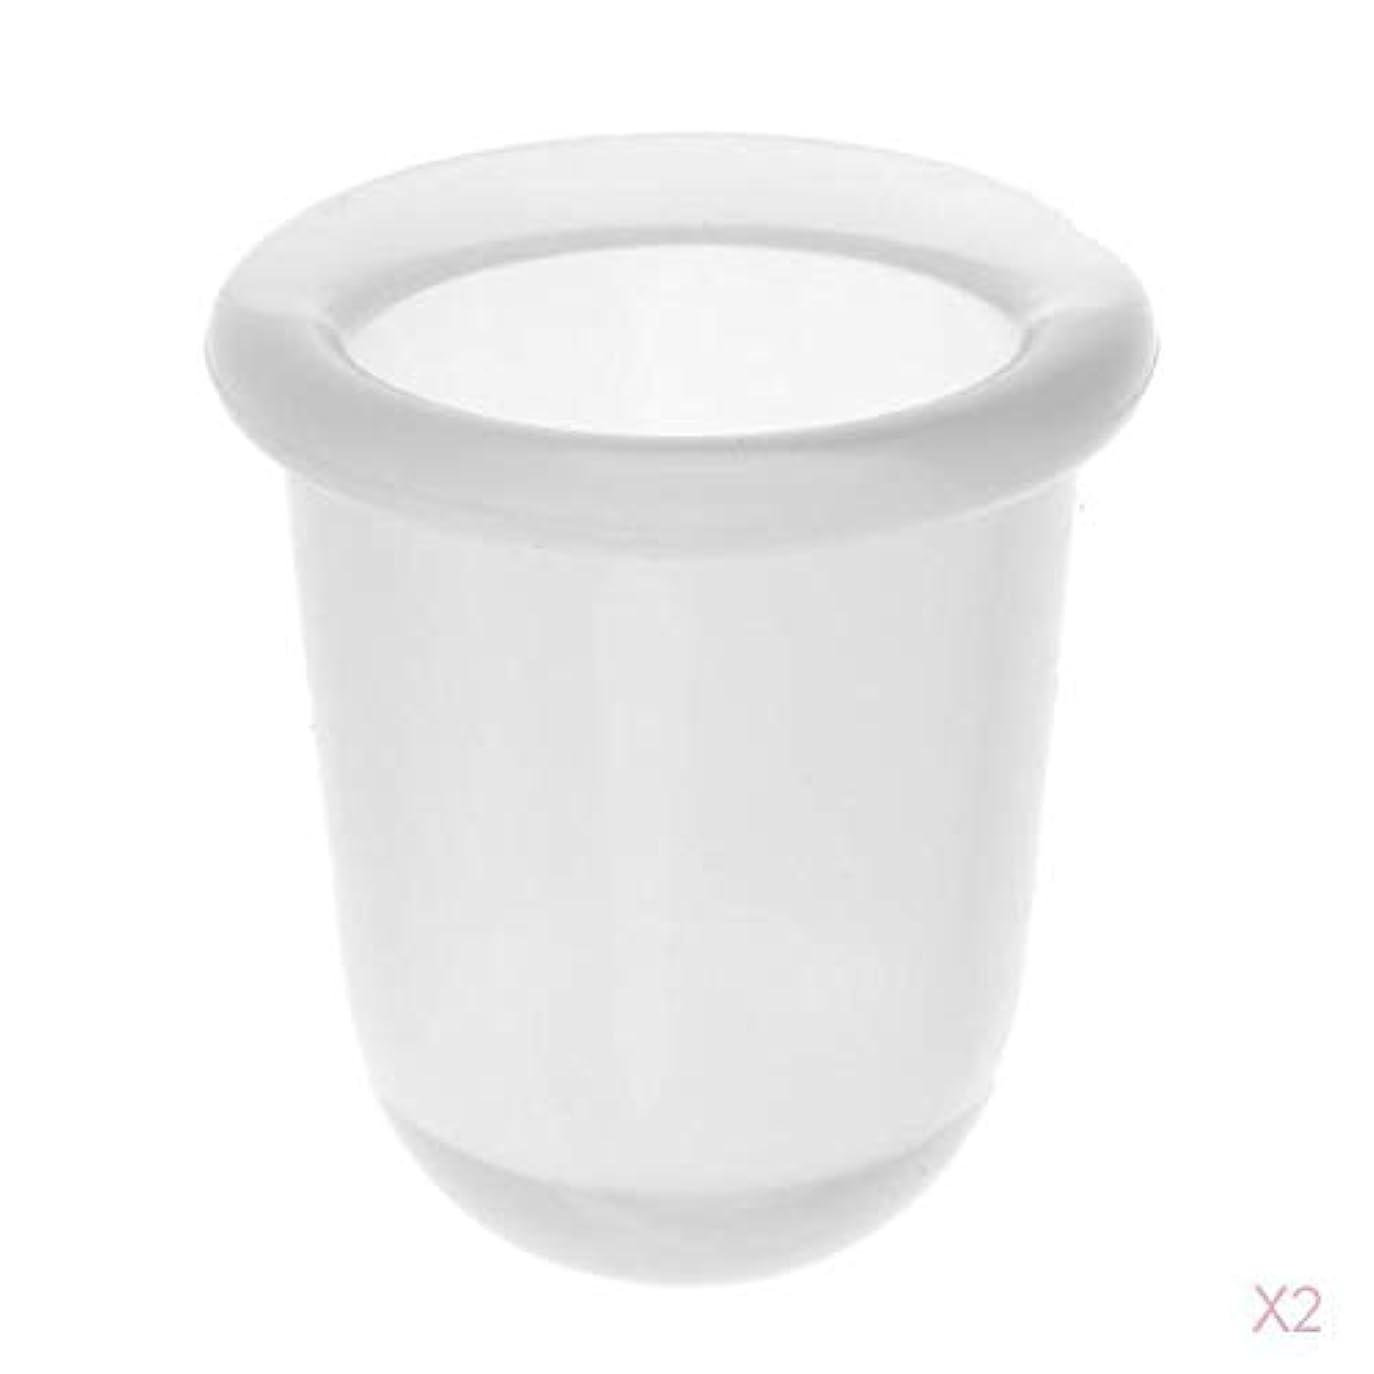 ラウズお誕生日代名詞マッサージカップ 真空カップ シリコーン製 ボディマッサージ 全2色 - クリア